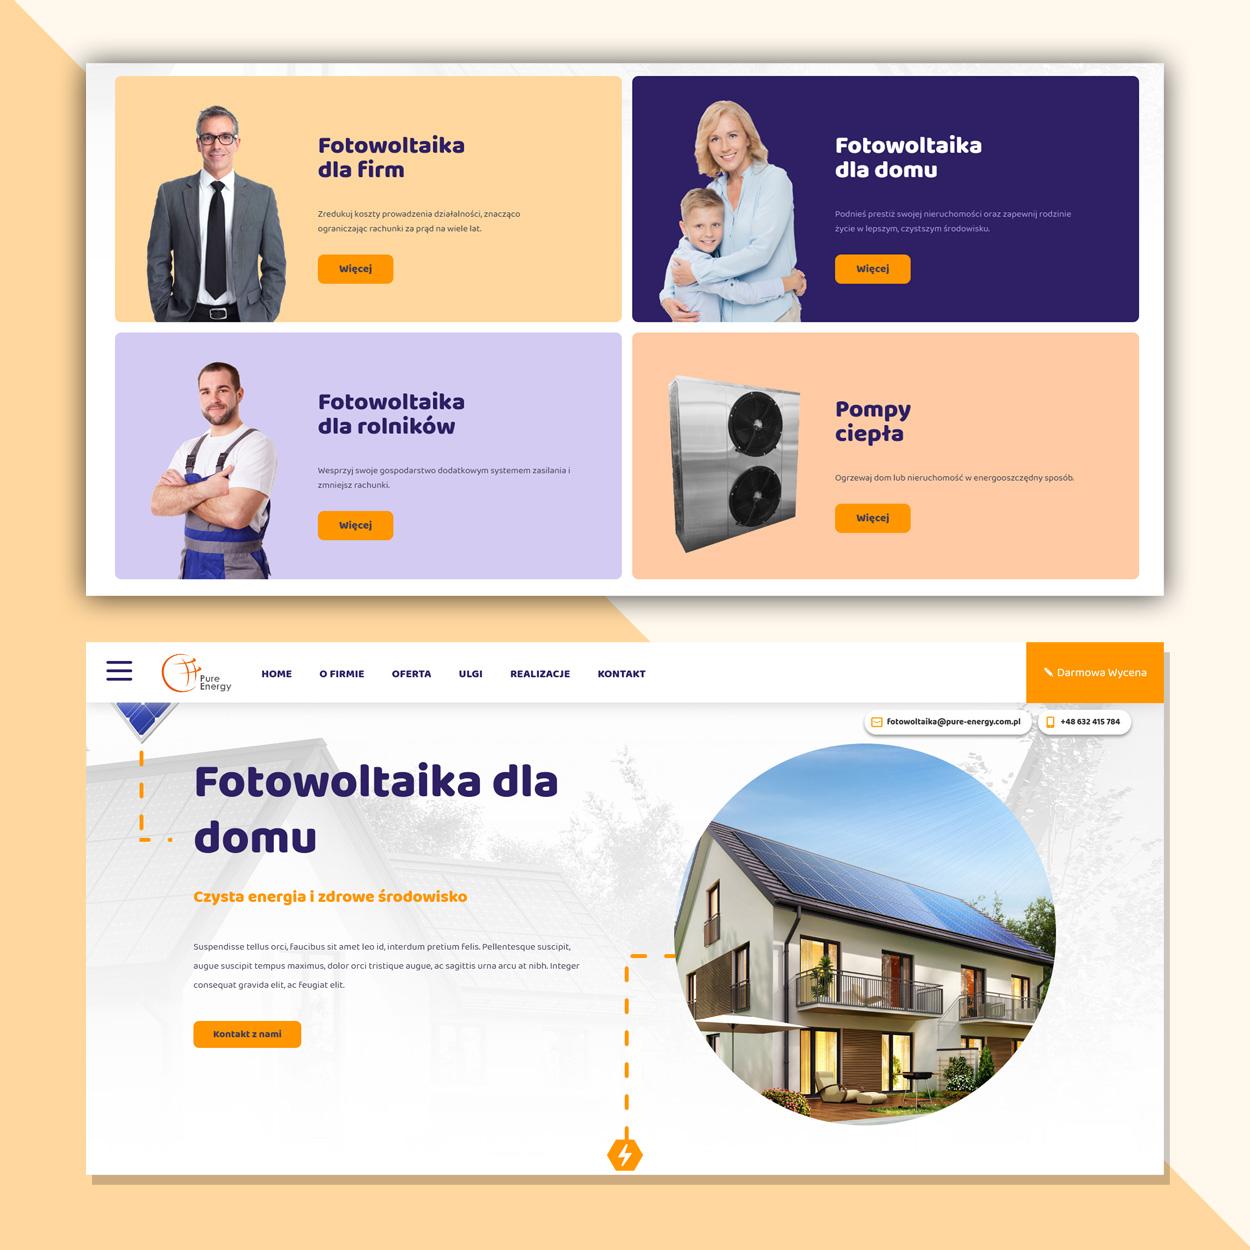 projektowanie strona www dla firmy fotowoltaika pv pure energy 3 - Strona internetowa dla firmy fotowoltaika / OZE - Pure Energy